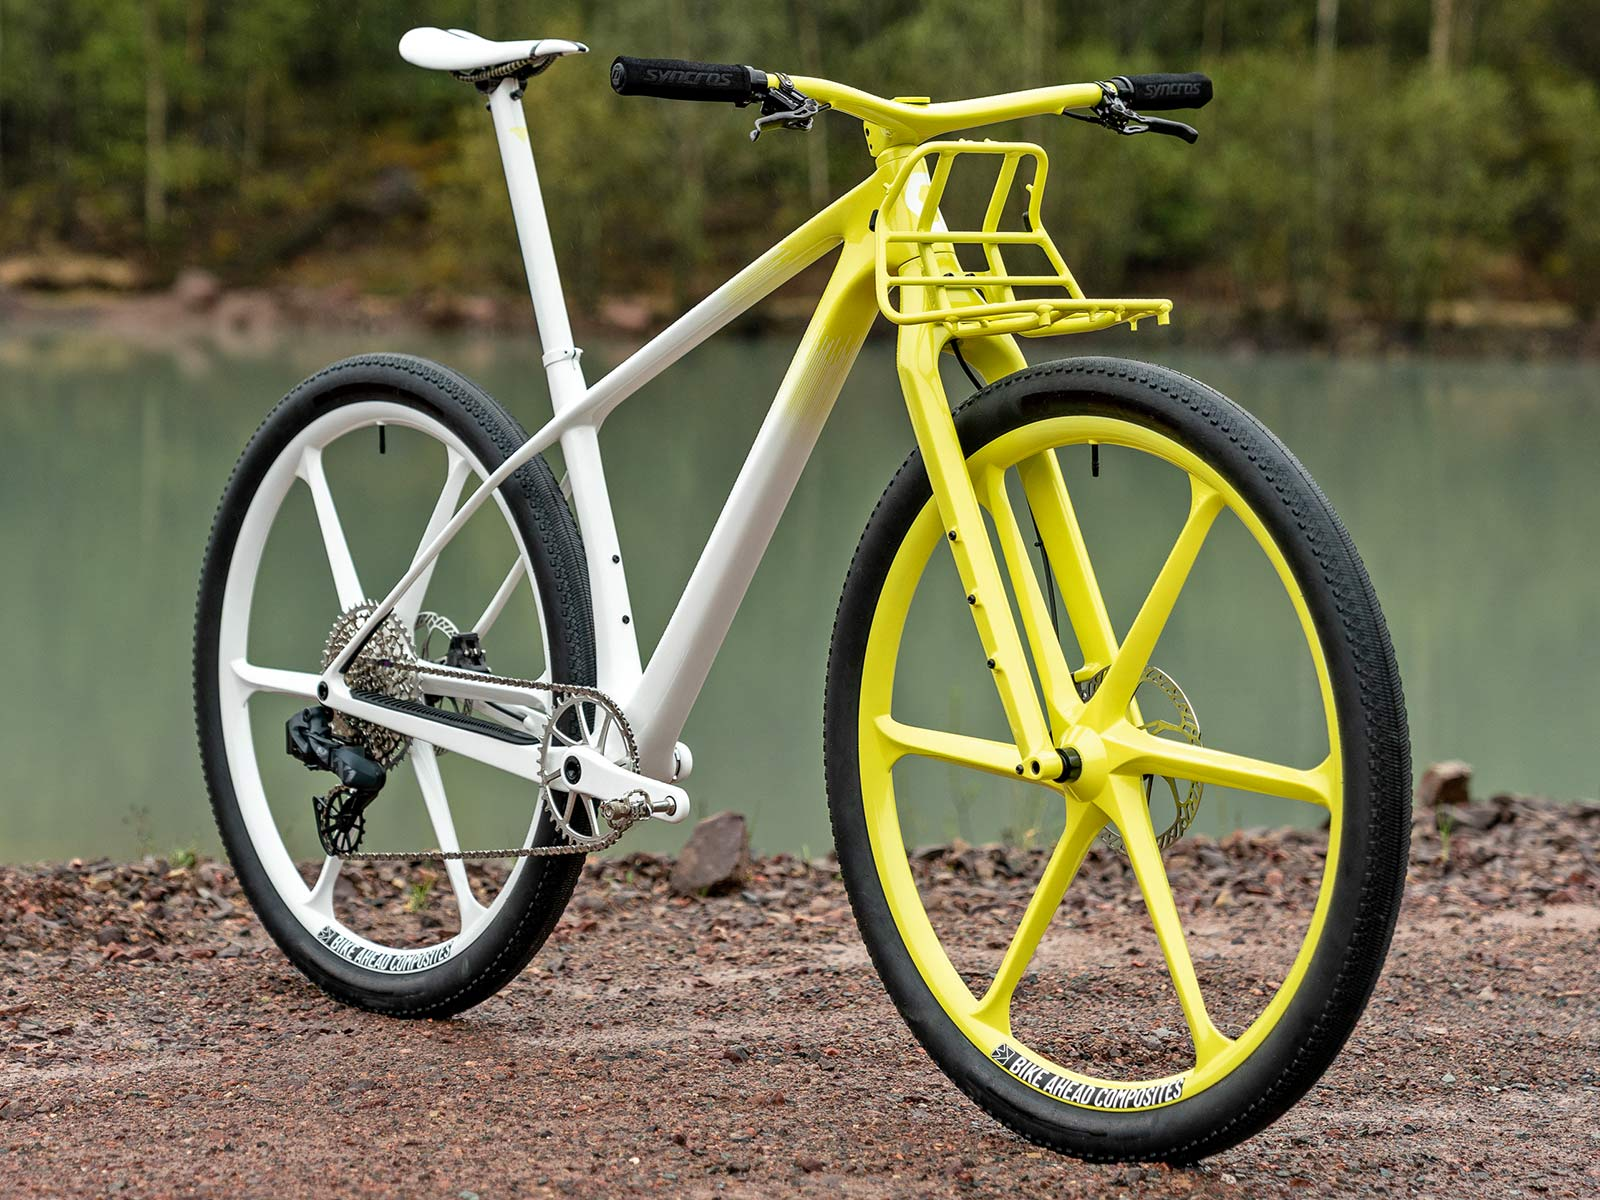 Dangerholm mellow yellow Scott Scale Gravel custom project bike, Gustav Gullholm dream bike builder, photo by Andreas Timfalt,angled